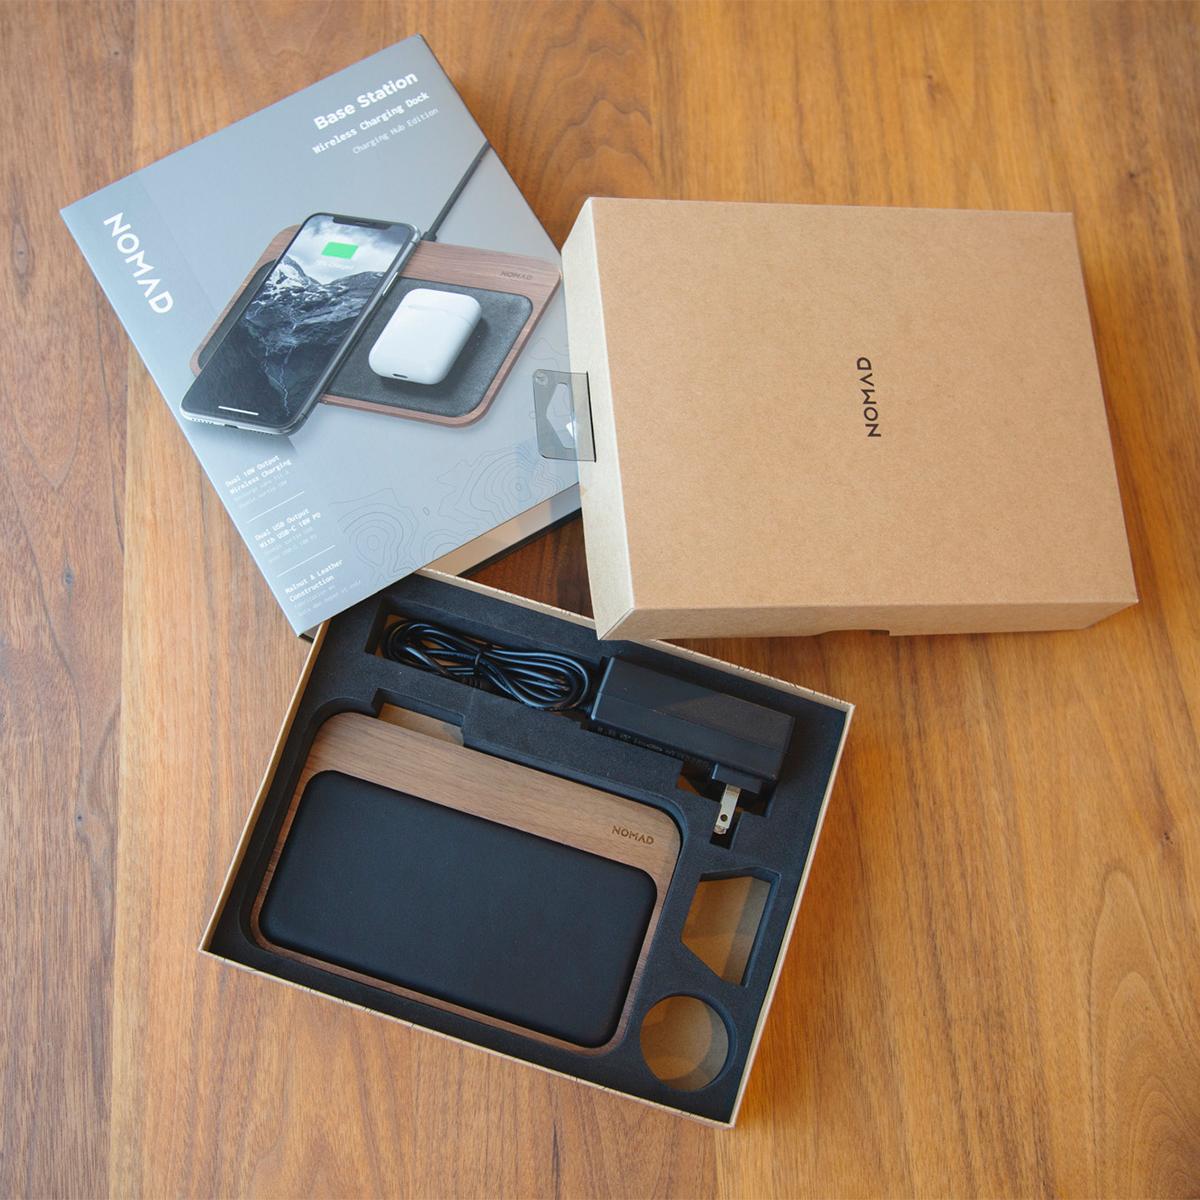 パッケージ内容|iPhone、AirPodsを飾るようにまとめてチャージ、2つのUSBポートを備えたおしゃれな「ワイヤレス充電ベース」| NOMAD | Base Station